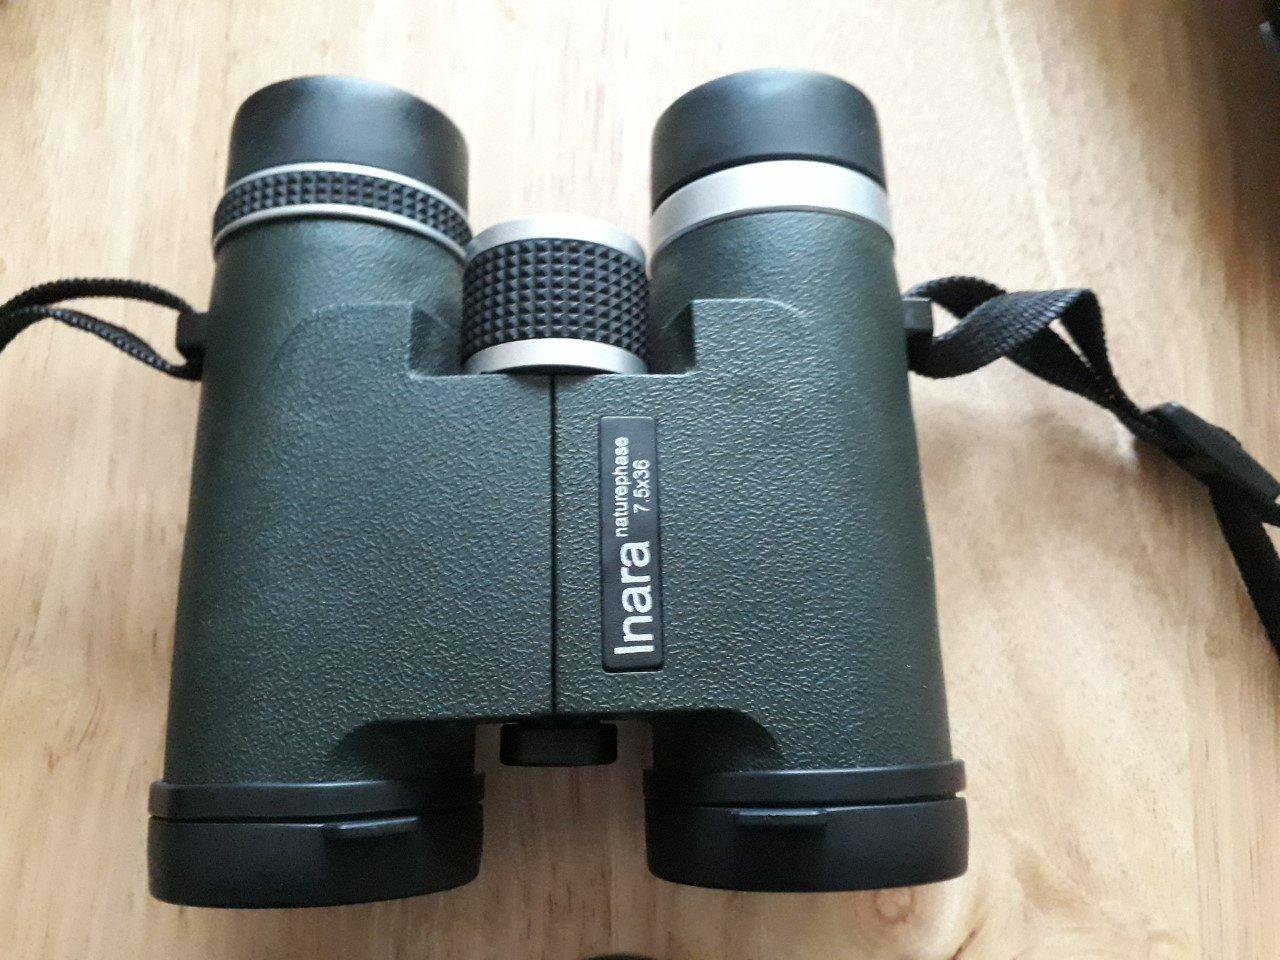 Visionary Inara 7.5x36 Binoculars